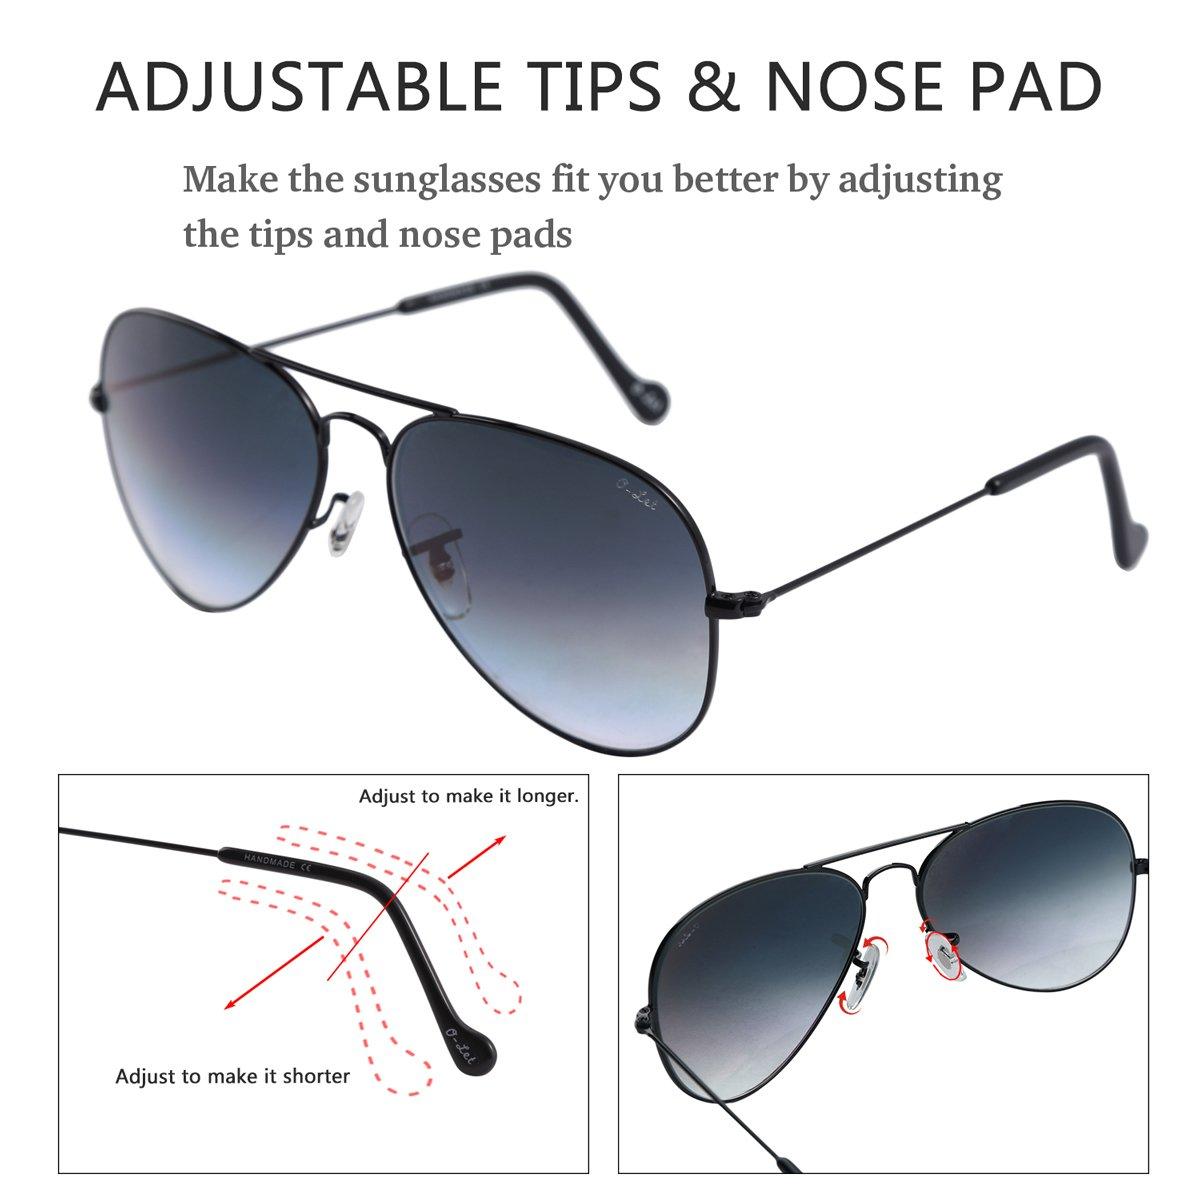 O-LET Aviator Sunglasses for Men Women Driving Fishing Glass Lens Aviators UV400 (62mm, Black Frame/aGrey Gradient Lens) by O-LET (Image #4)